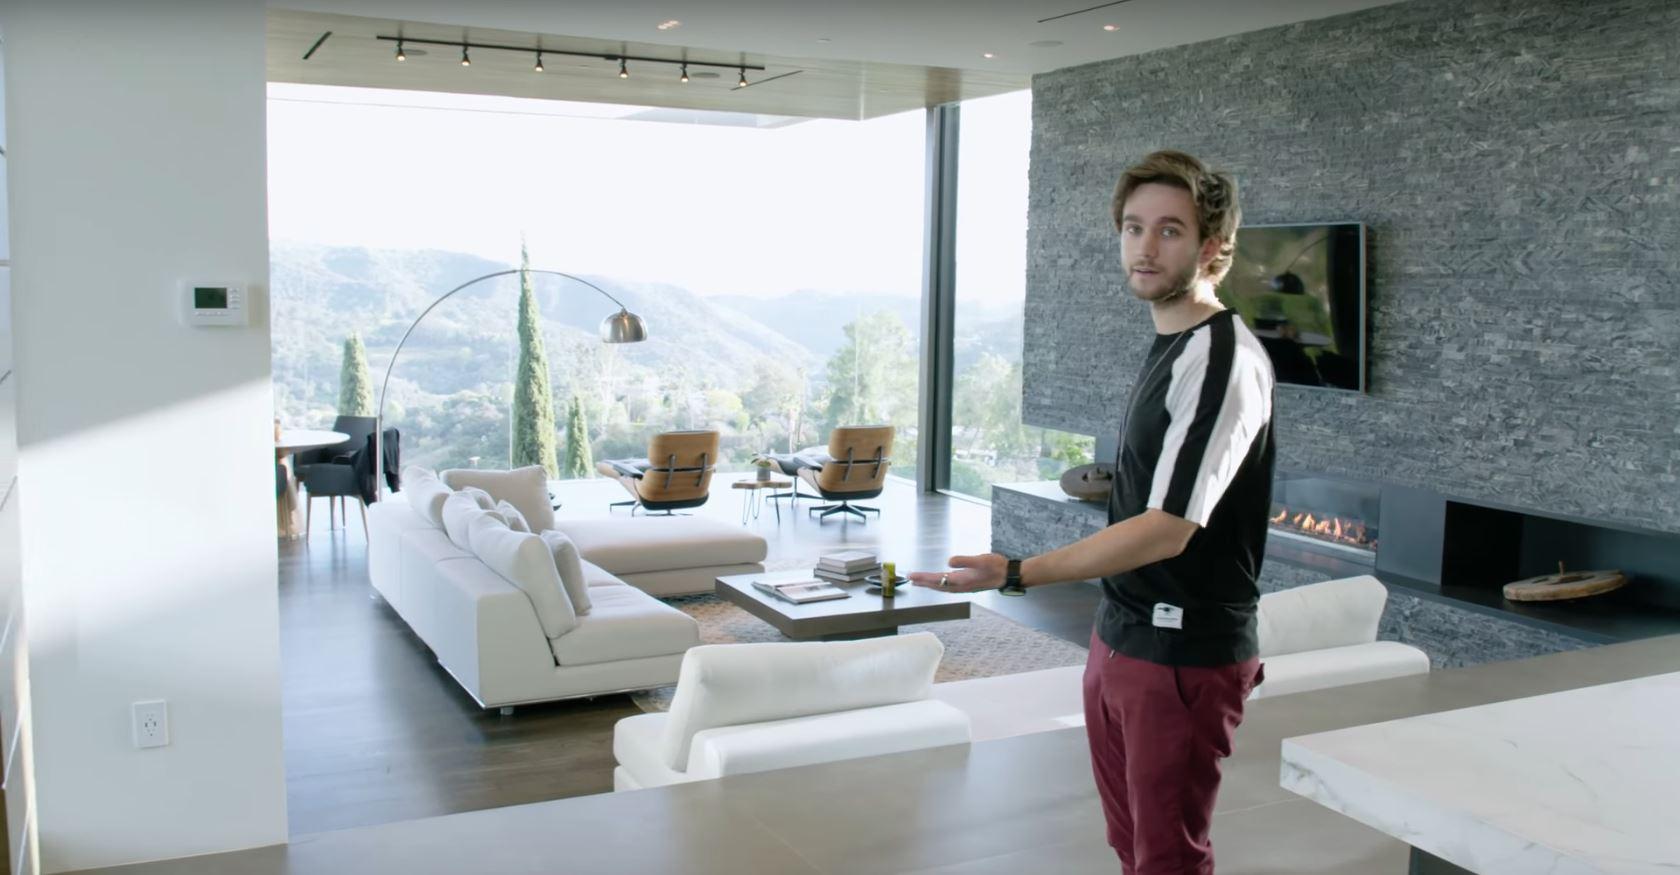 Te vas a querer morir cuando veas la mansión de Zedd